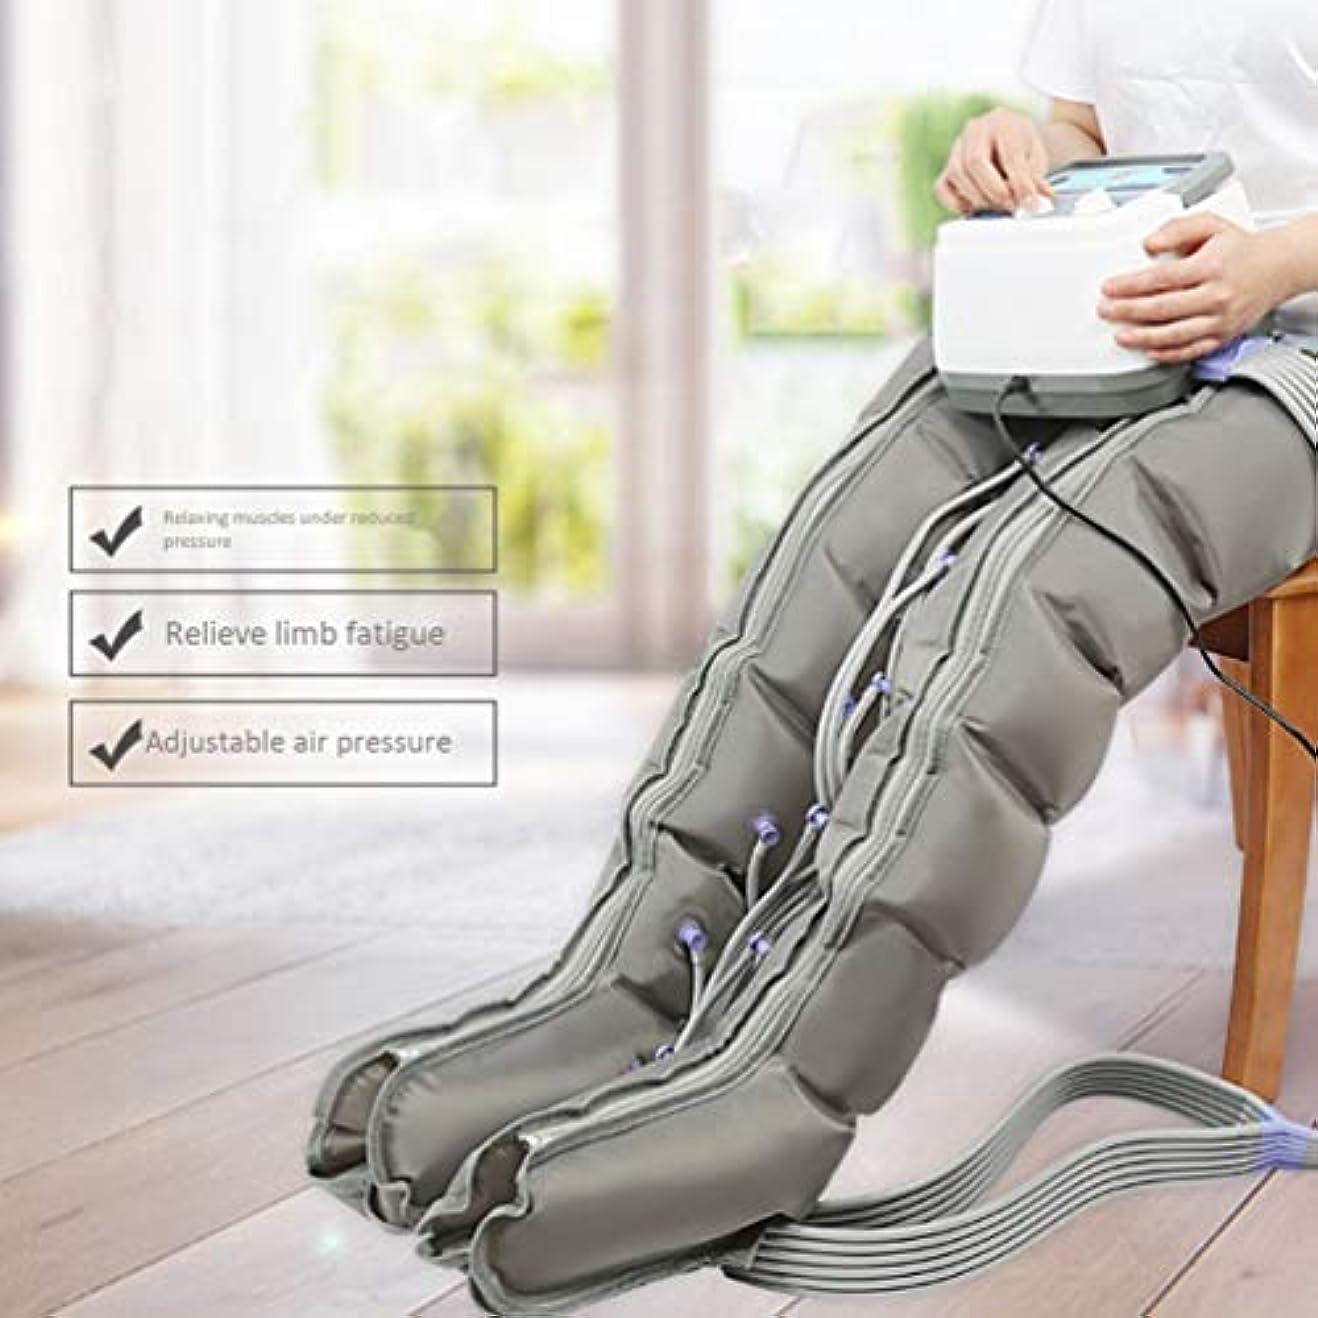 虚栄心分析する因子空気圧縮脚マッサージ機足とふくらはぎの足の太もものマッサージでふくらはぎの循環ブースターは腫れや浮腫の痛みを助ける(6つのキャビティ)